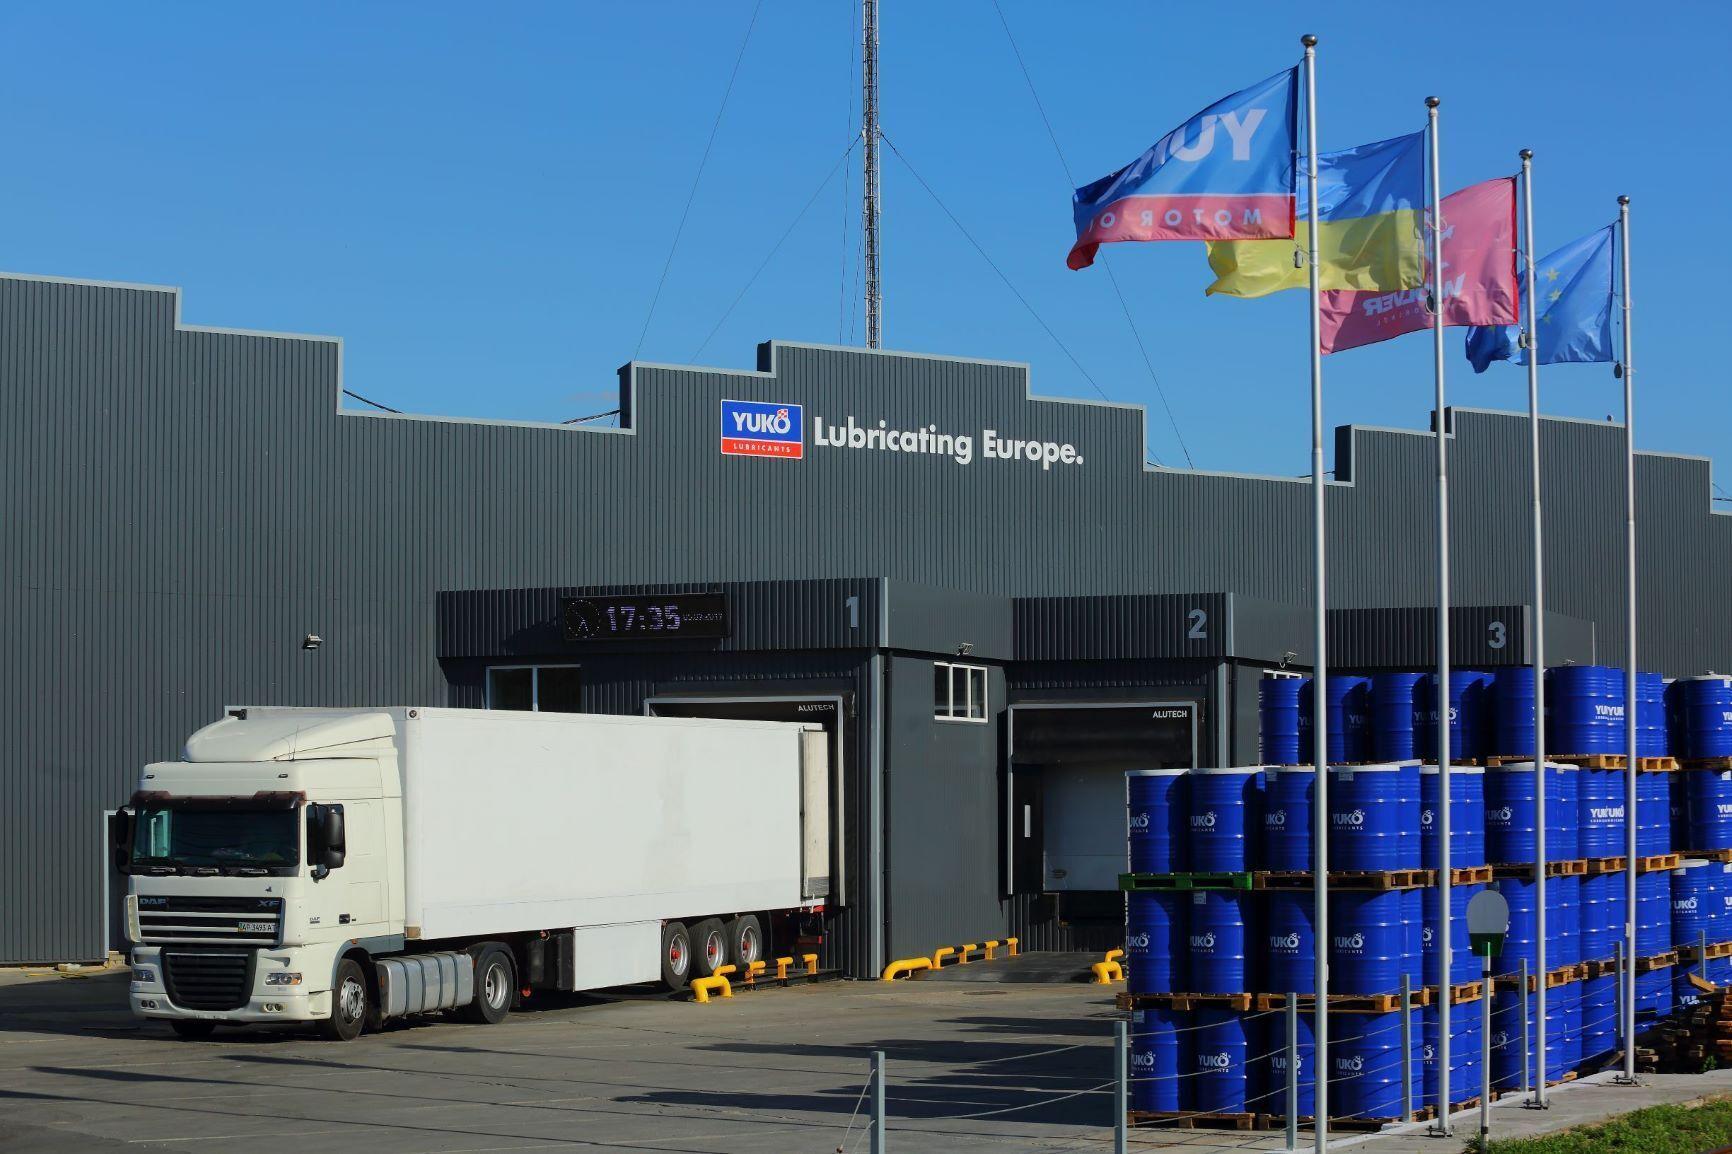 Лидер отрасли: завод по производству моторного масла Yuko получил престижную награду